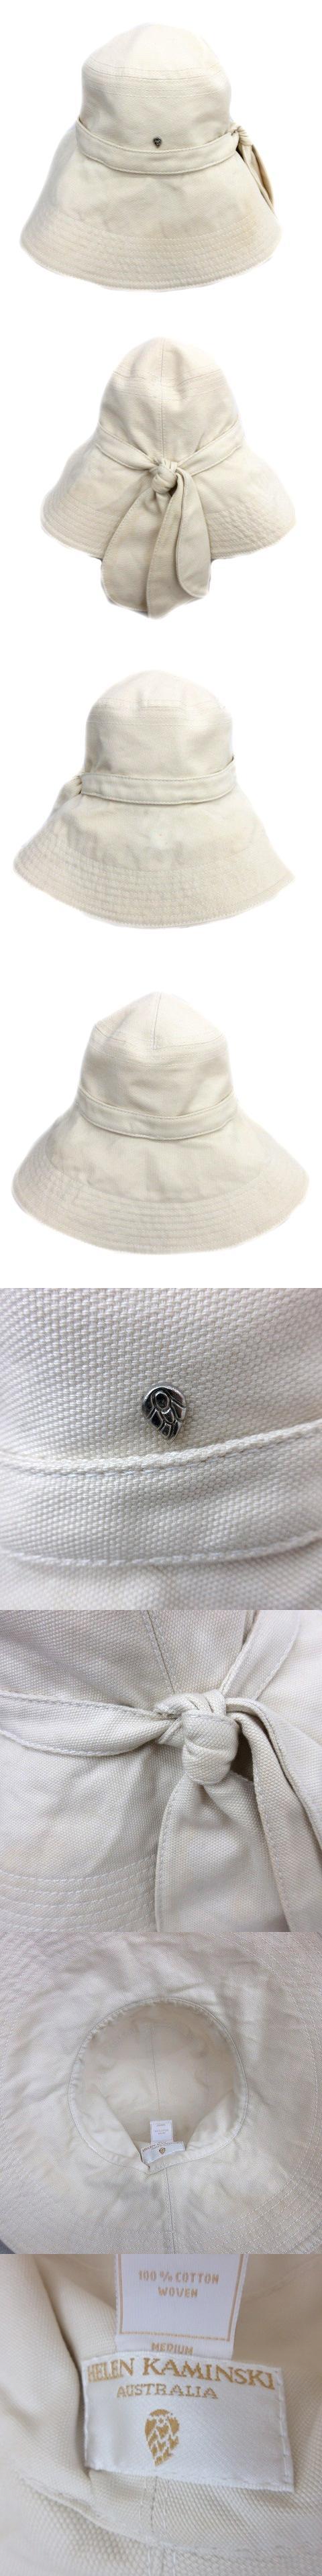 サファリ バケット ロング ブリム ハット 帽子 コットン カジュアル リボン アイボリー レディース